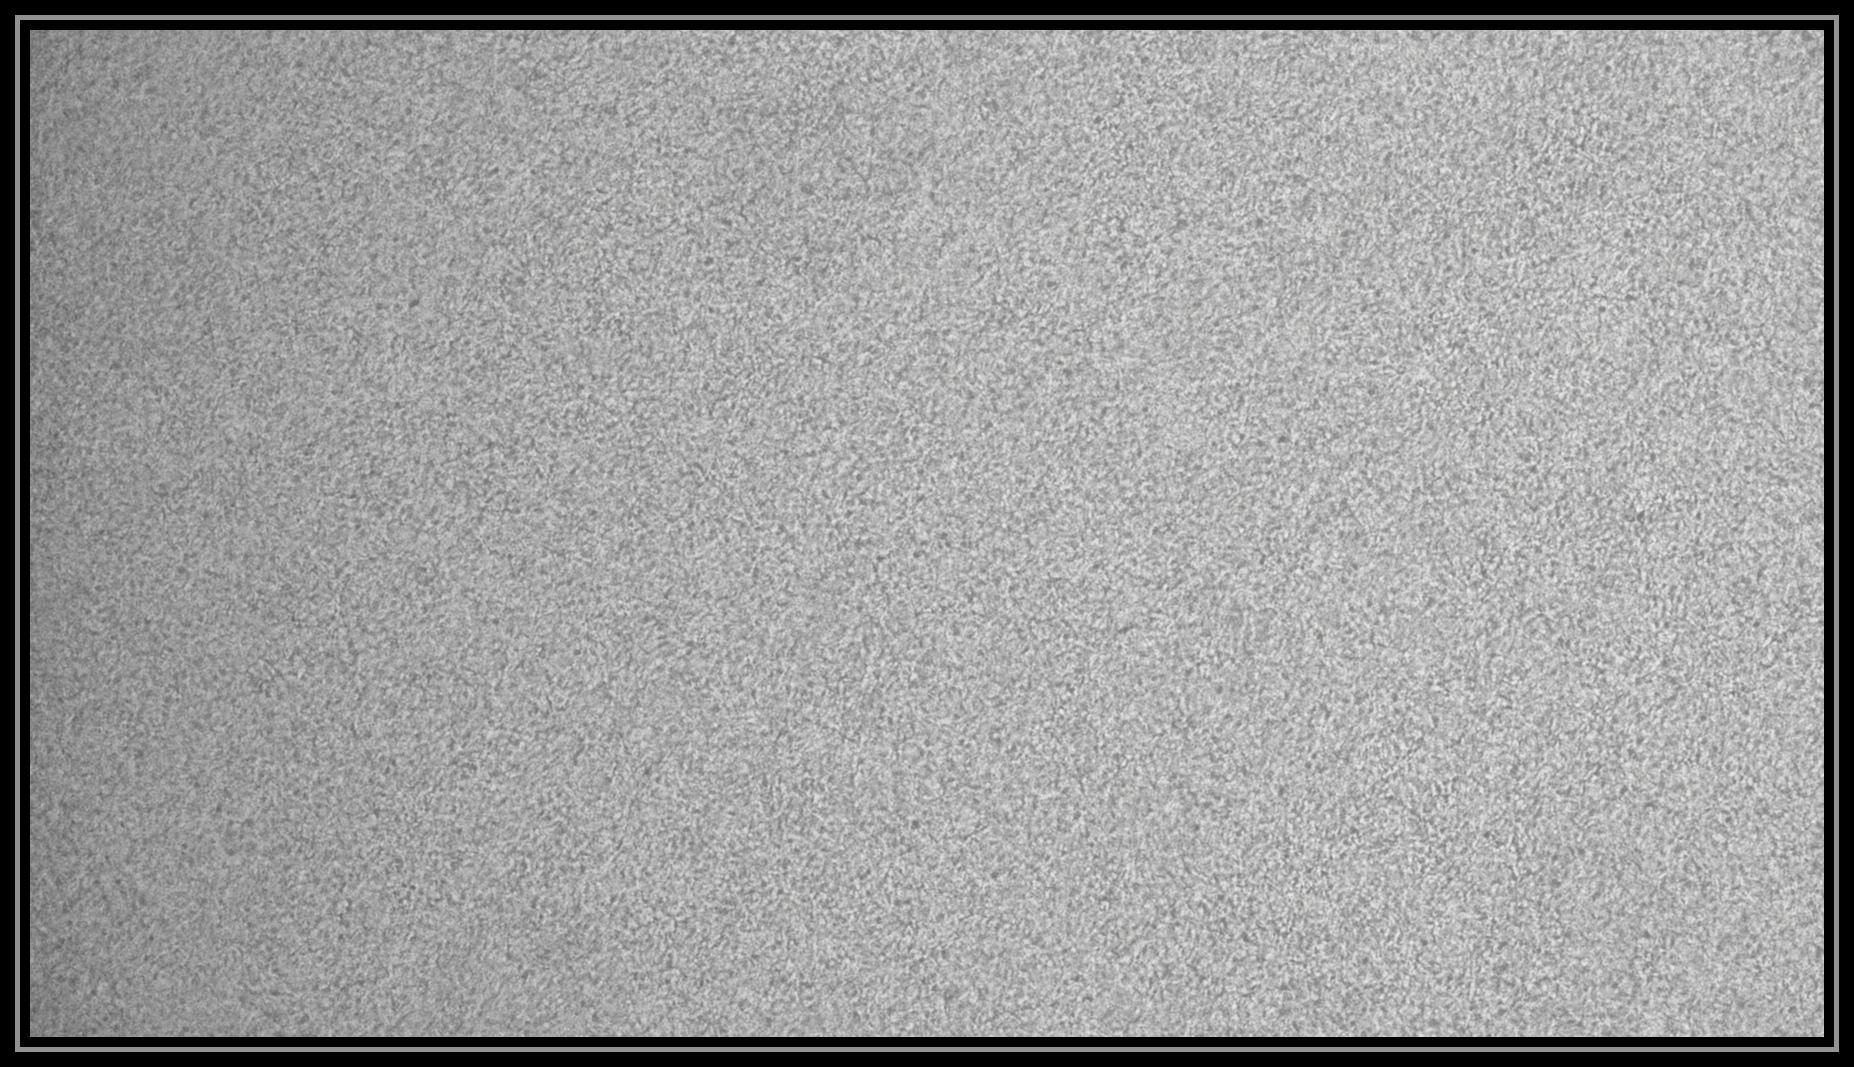 5ed6745470233_Sun_161438_310520_ZWOASI290MM_Continuum_AS_P10_lapl5_ap513.jpg.8822442a28abddc3c72655089f946c23.jpg